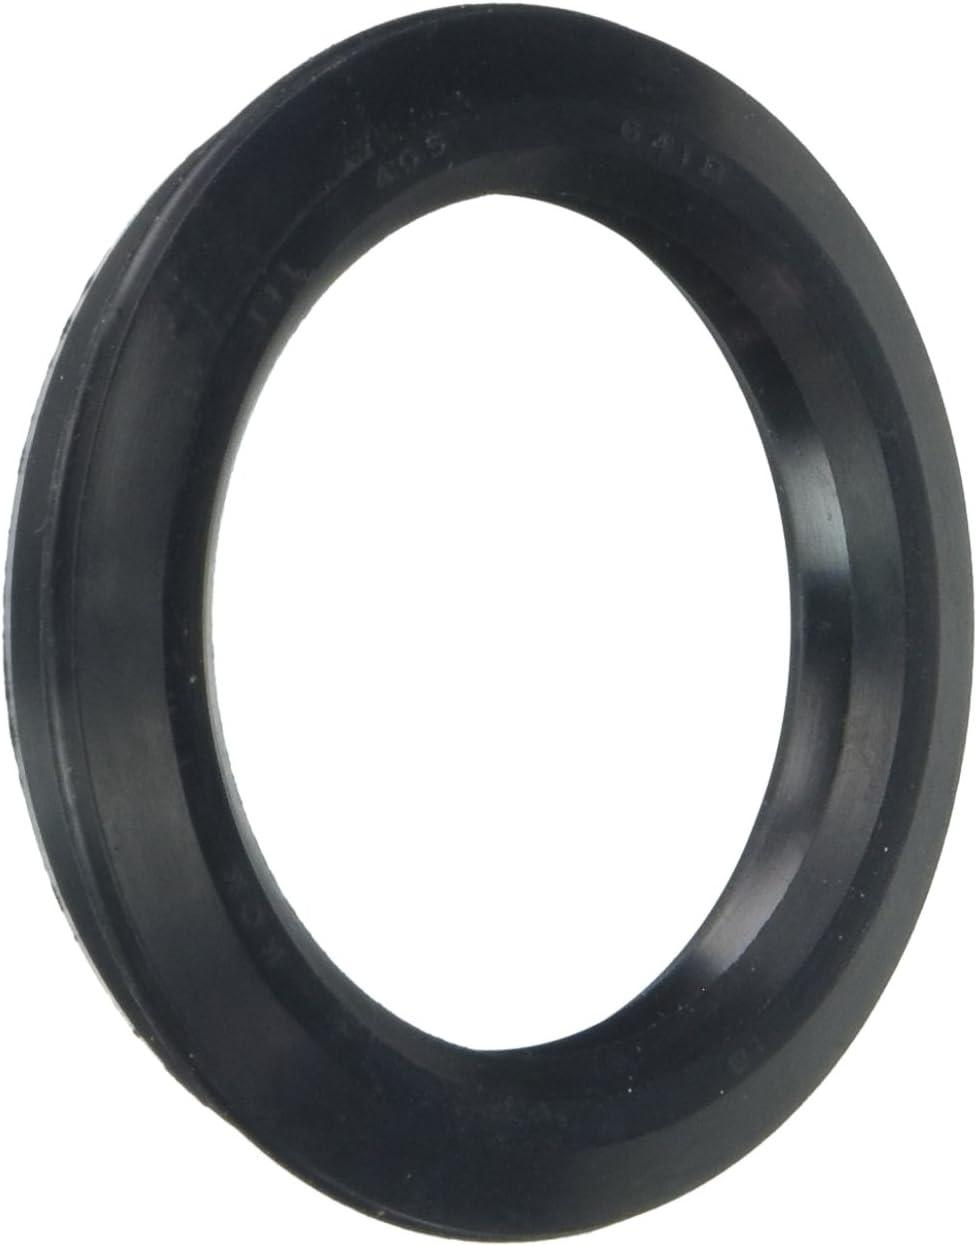 Timken 1217 Seal